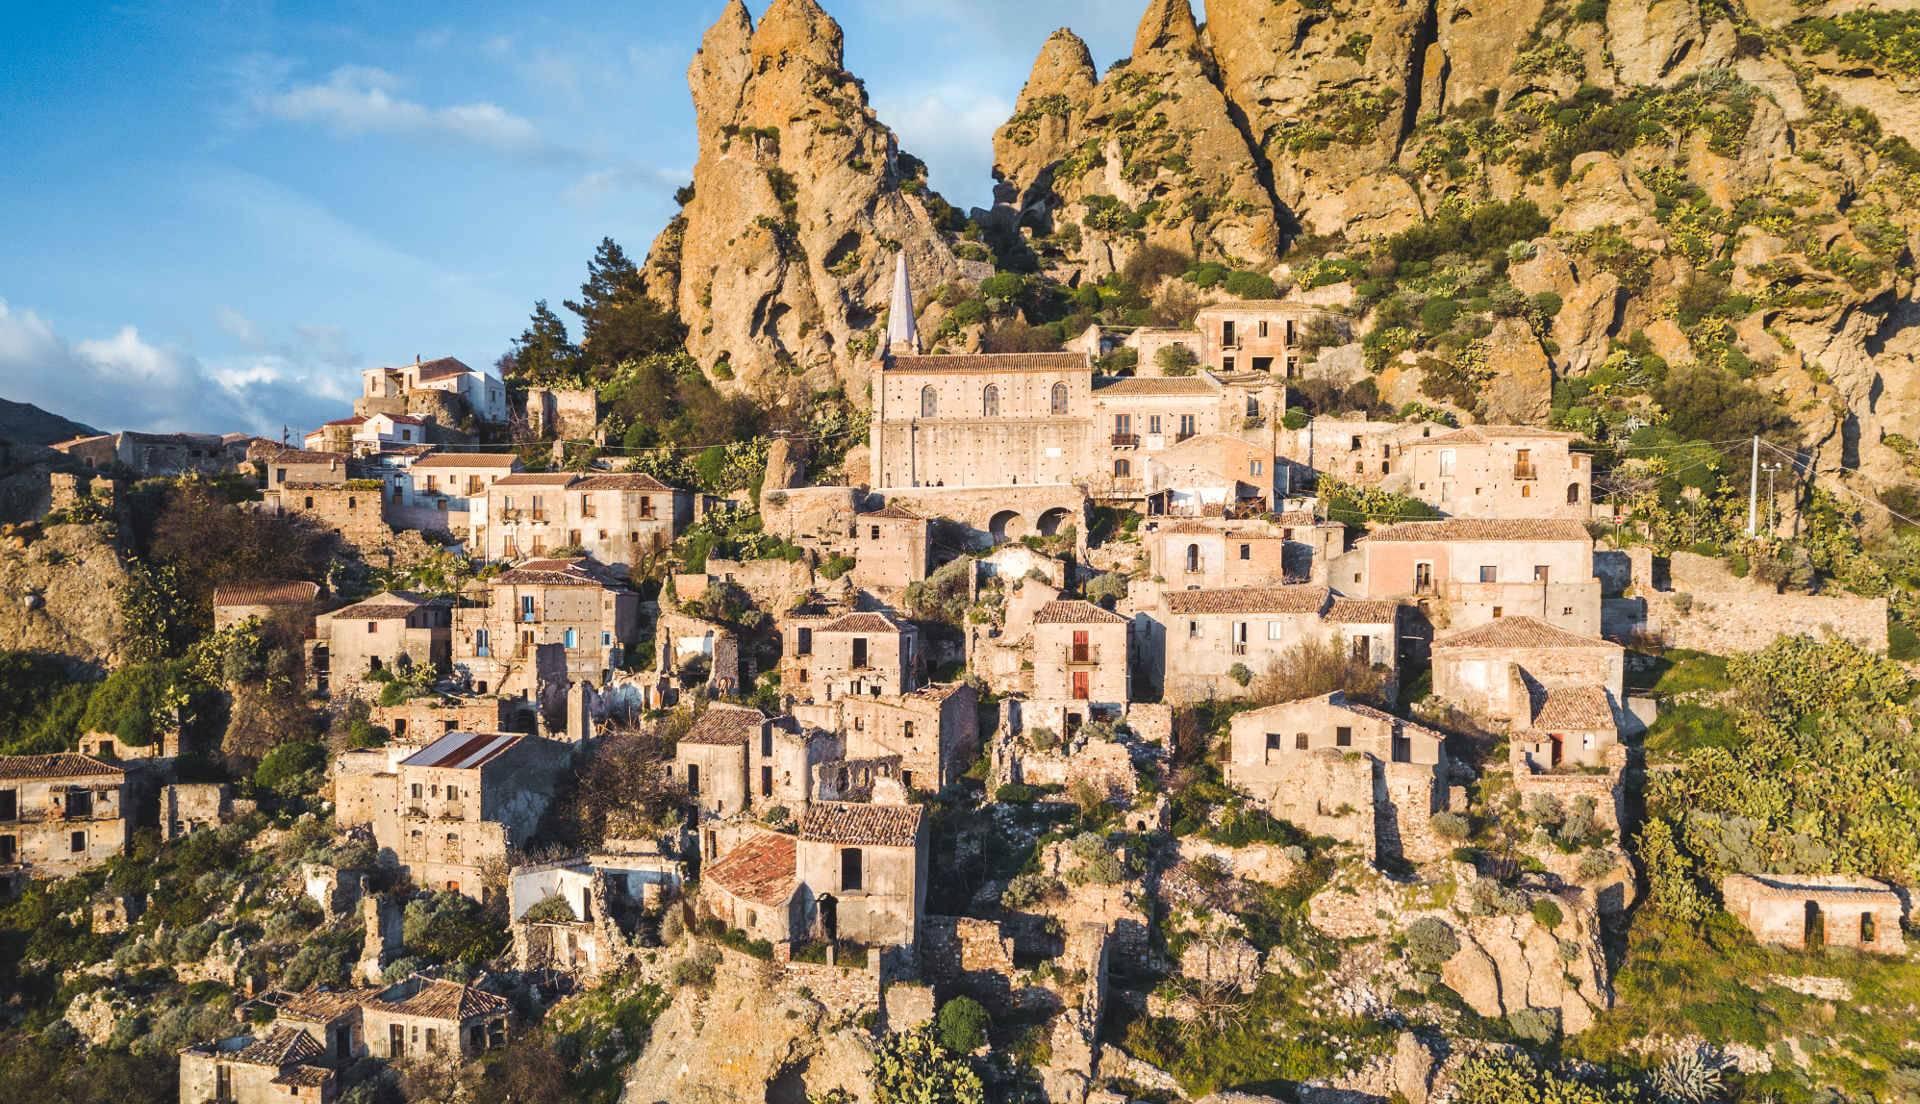 Монтероссо италия: достопримечательности, как добраться, отели, фото, пляж